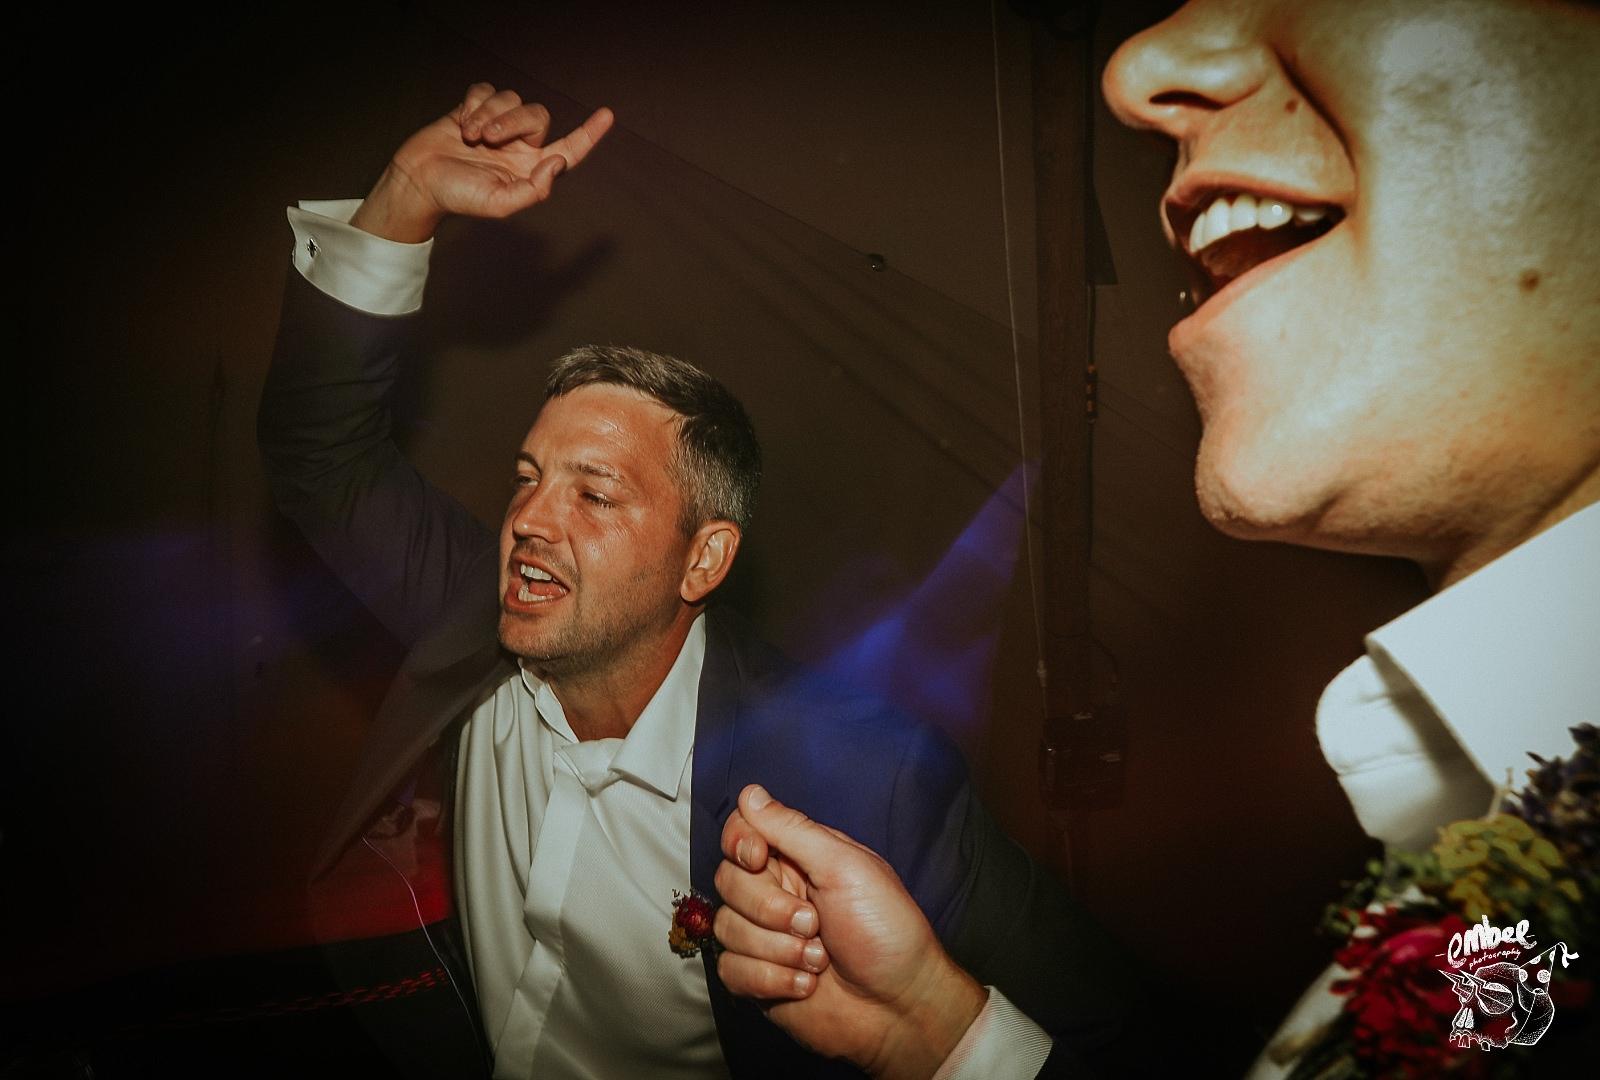 drunk wedding guest on dance floor